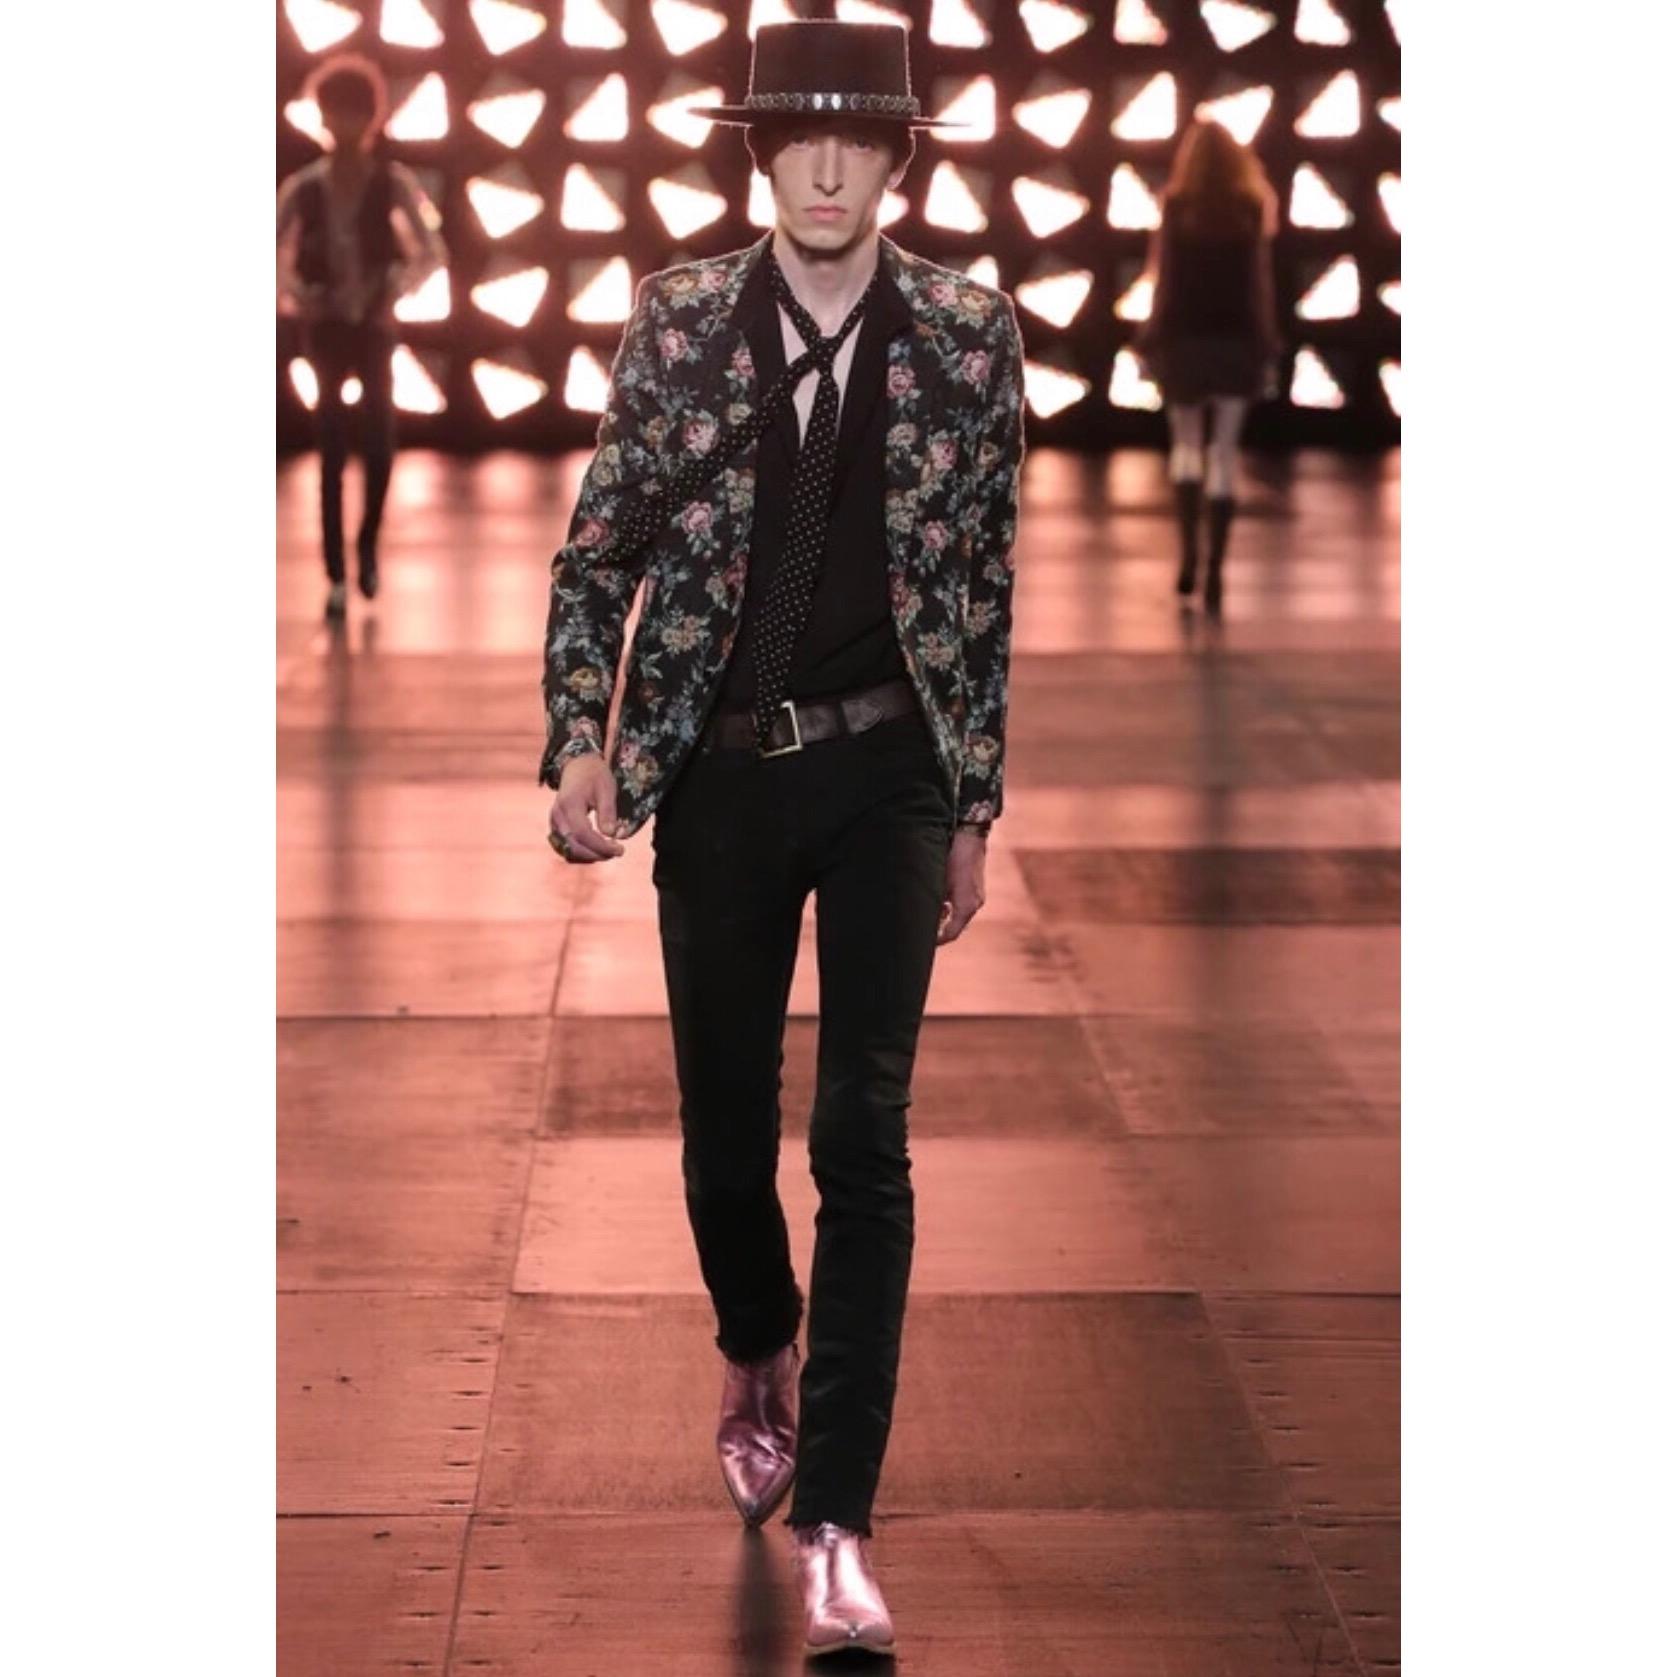 Cowboy trend style Saint Laurent